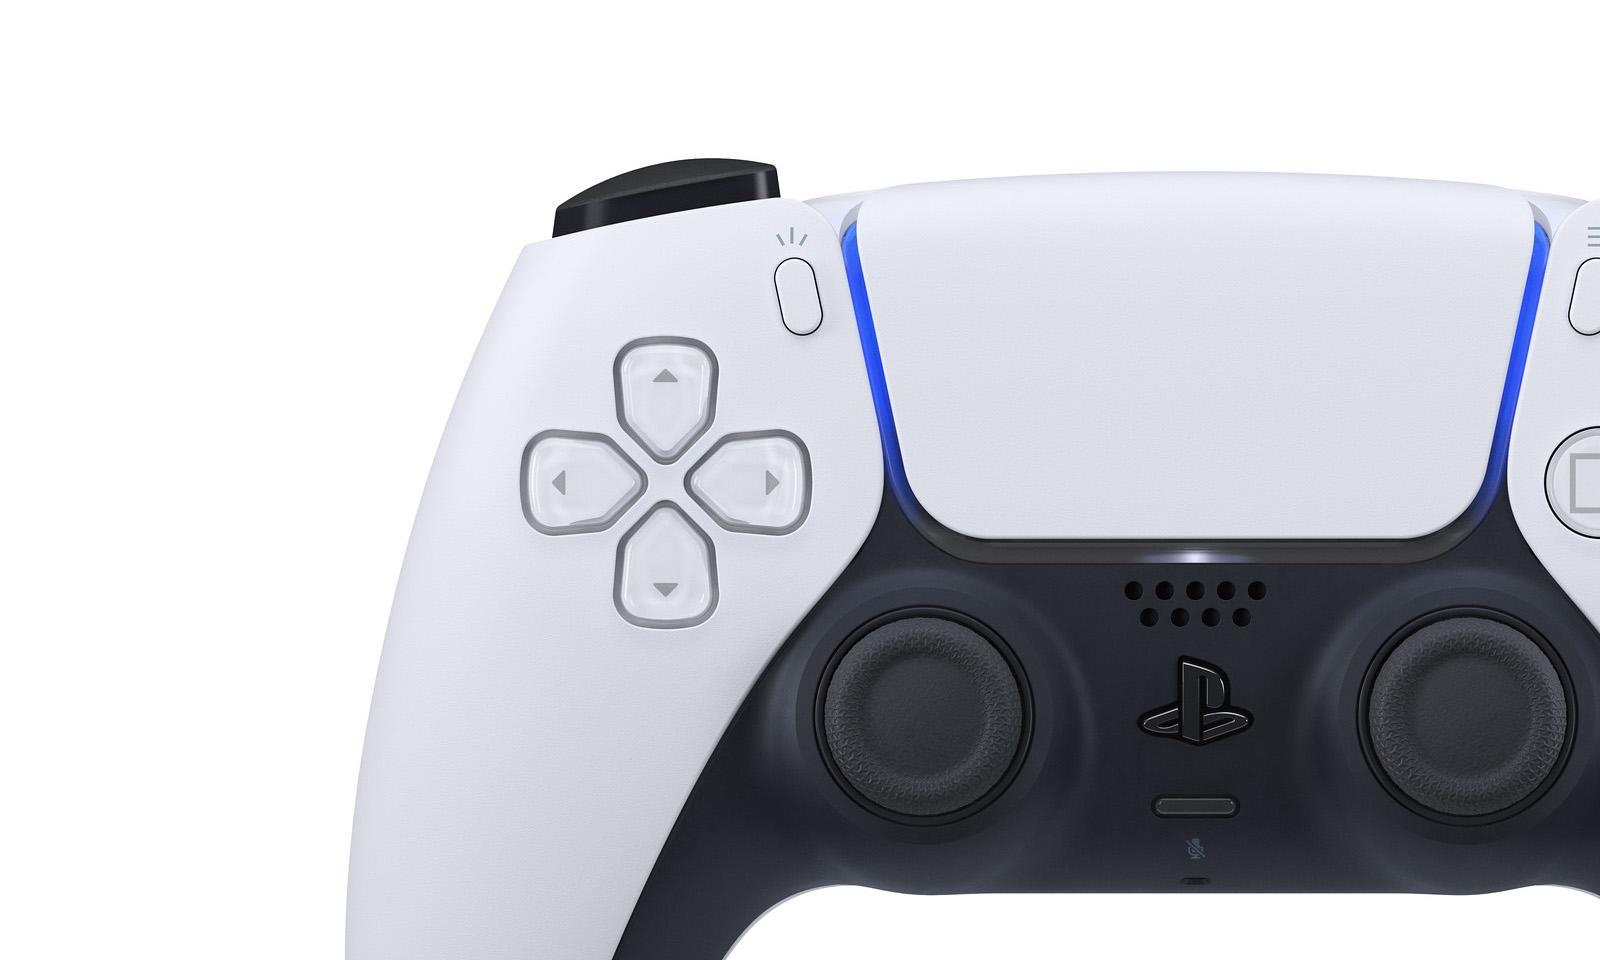 PS5 统一将 X 设为确认键,居然引发了诸多玩家争议